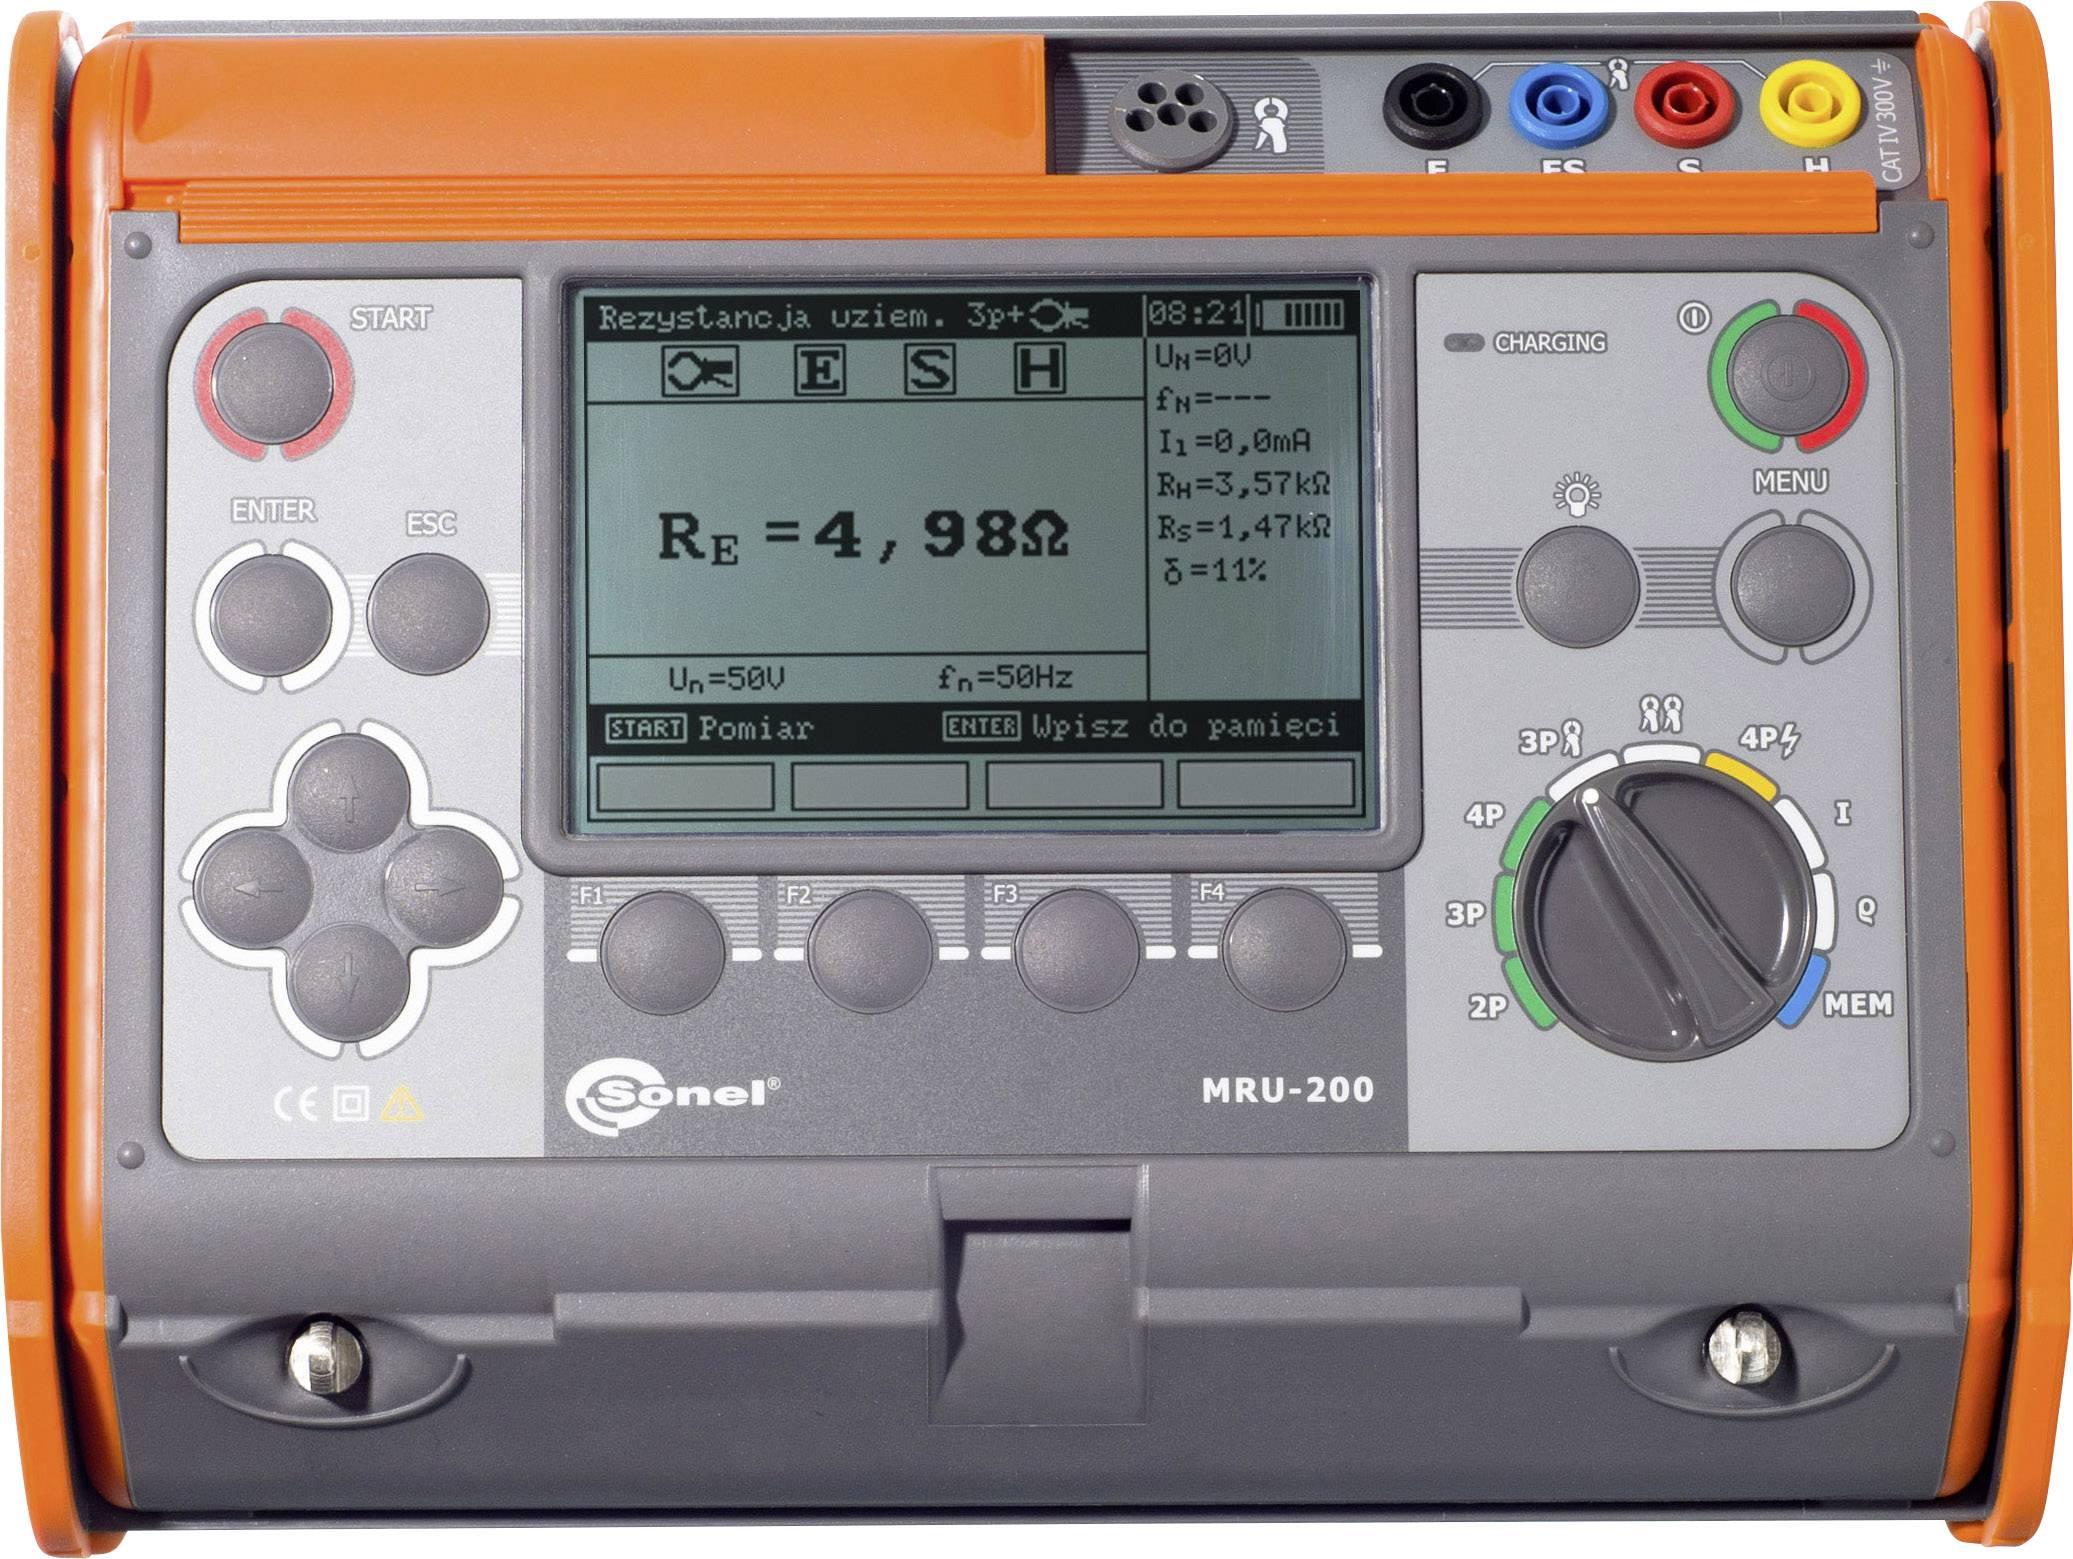 Merač zemných odporov Sonel MRU-200